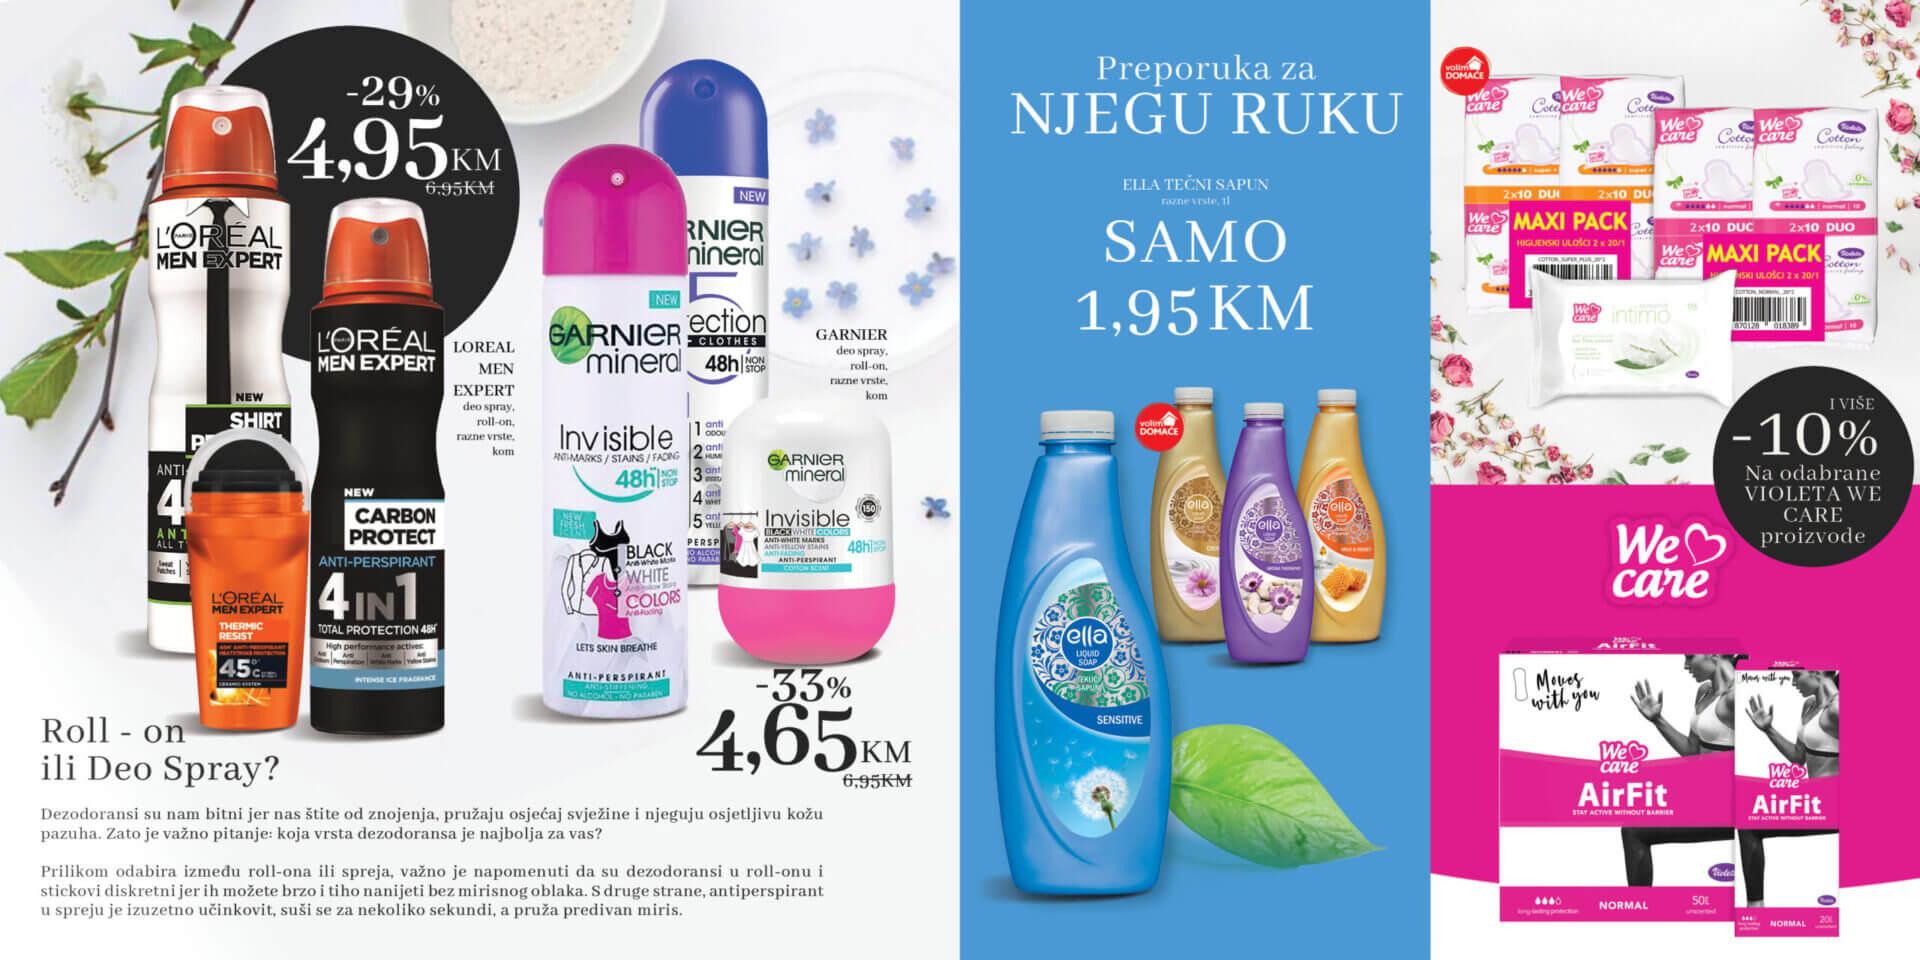 KONZUM Kozmetika Lijepi i njegovani svaki dan 6.9.2021. 30.9.2021. Page 06